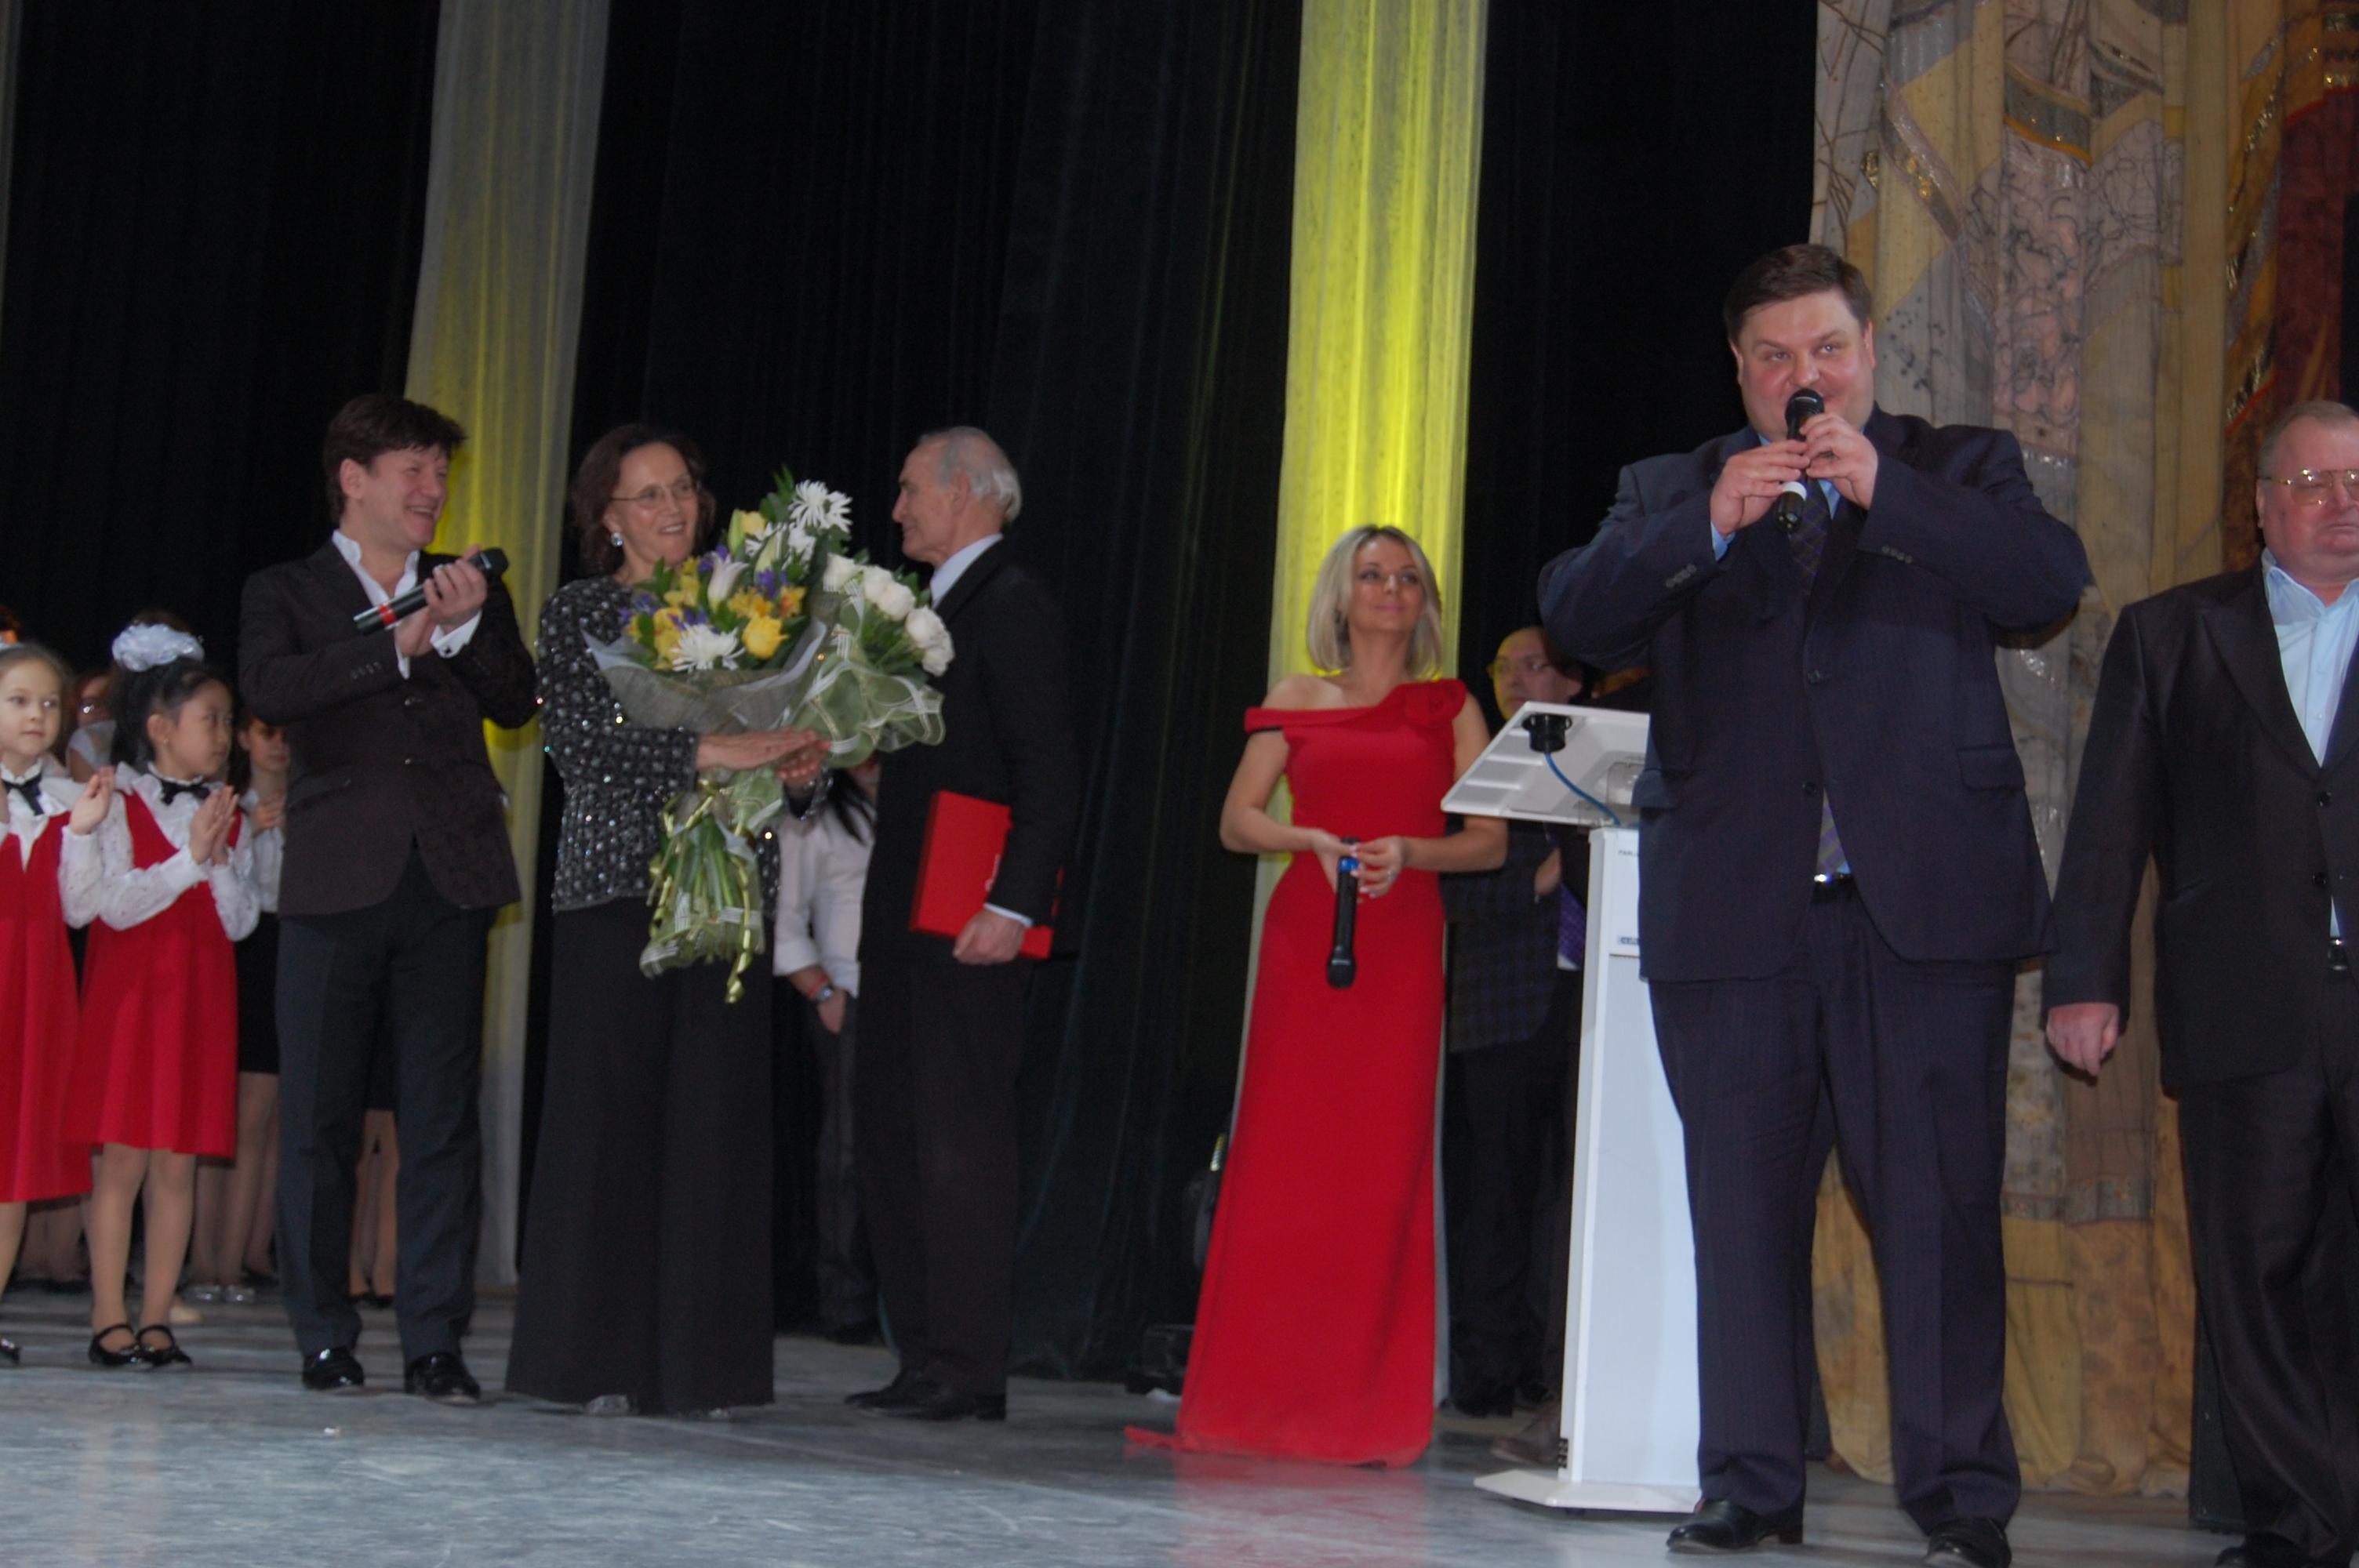 Открытие Года российского кино в Подольске. 1 марта 2016 г. Глава Подольска Николай Пестов.